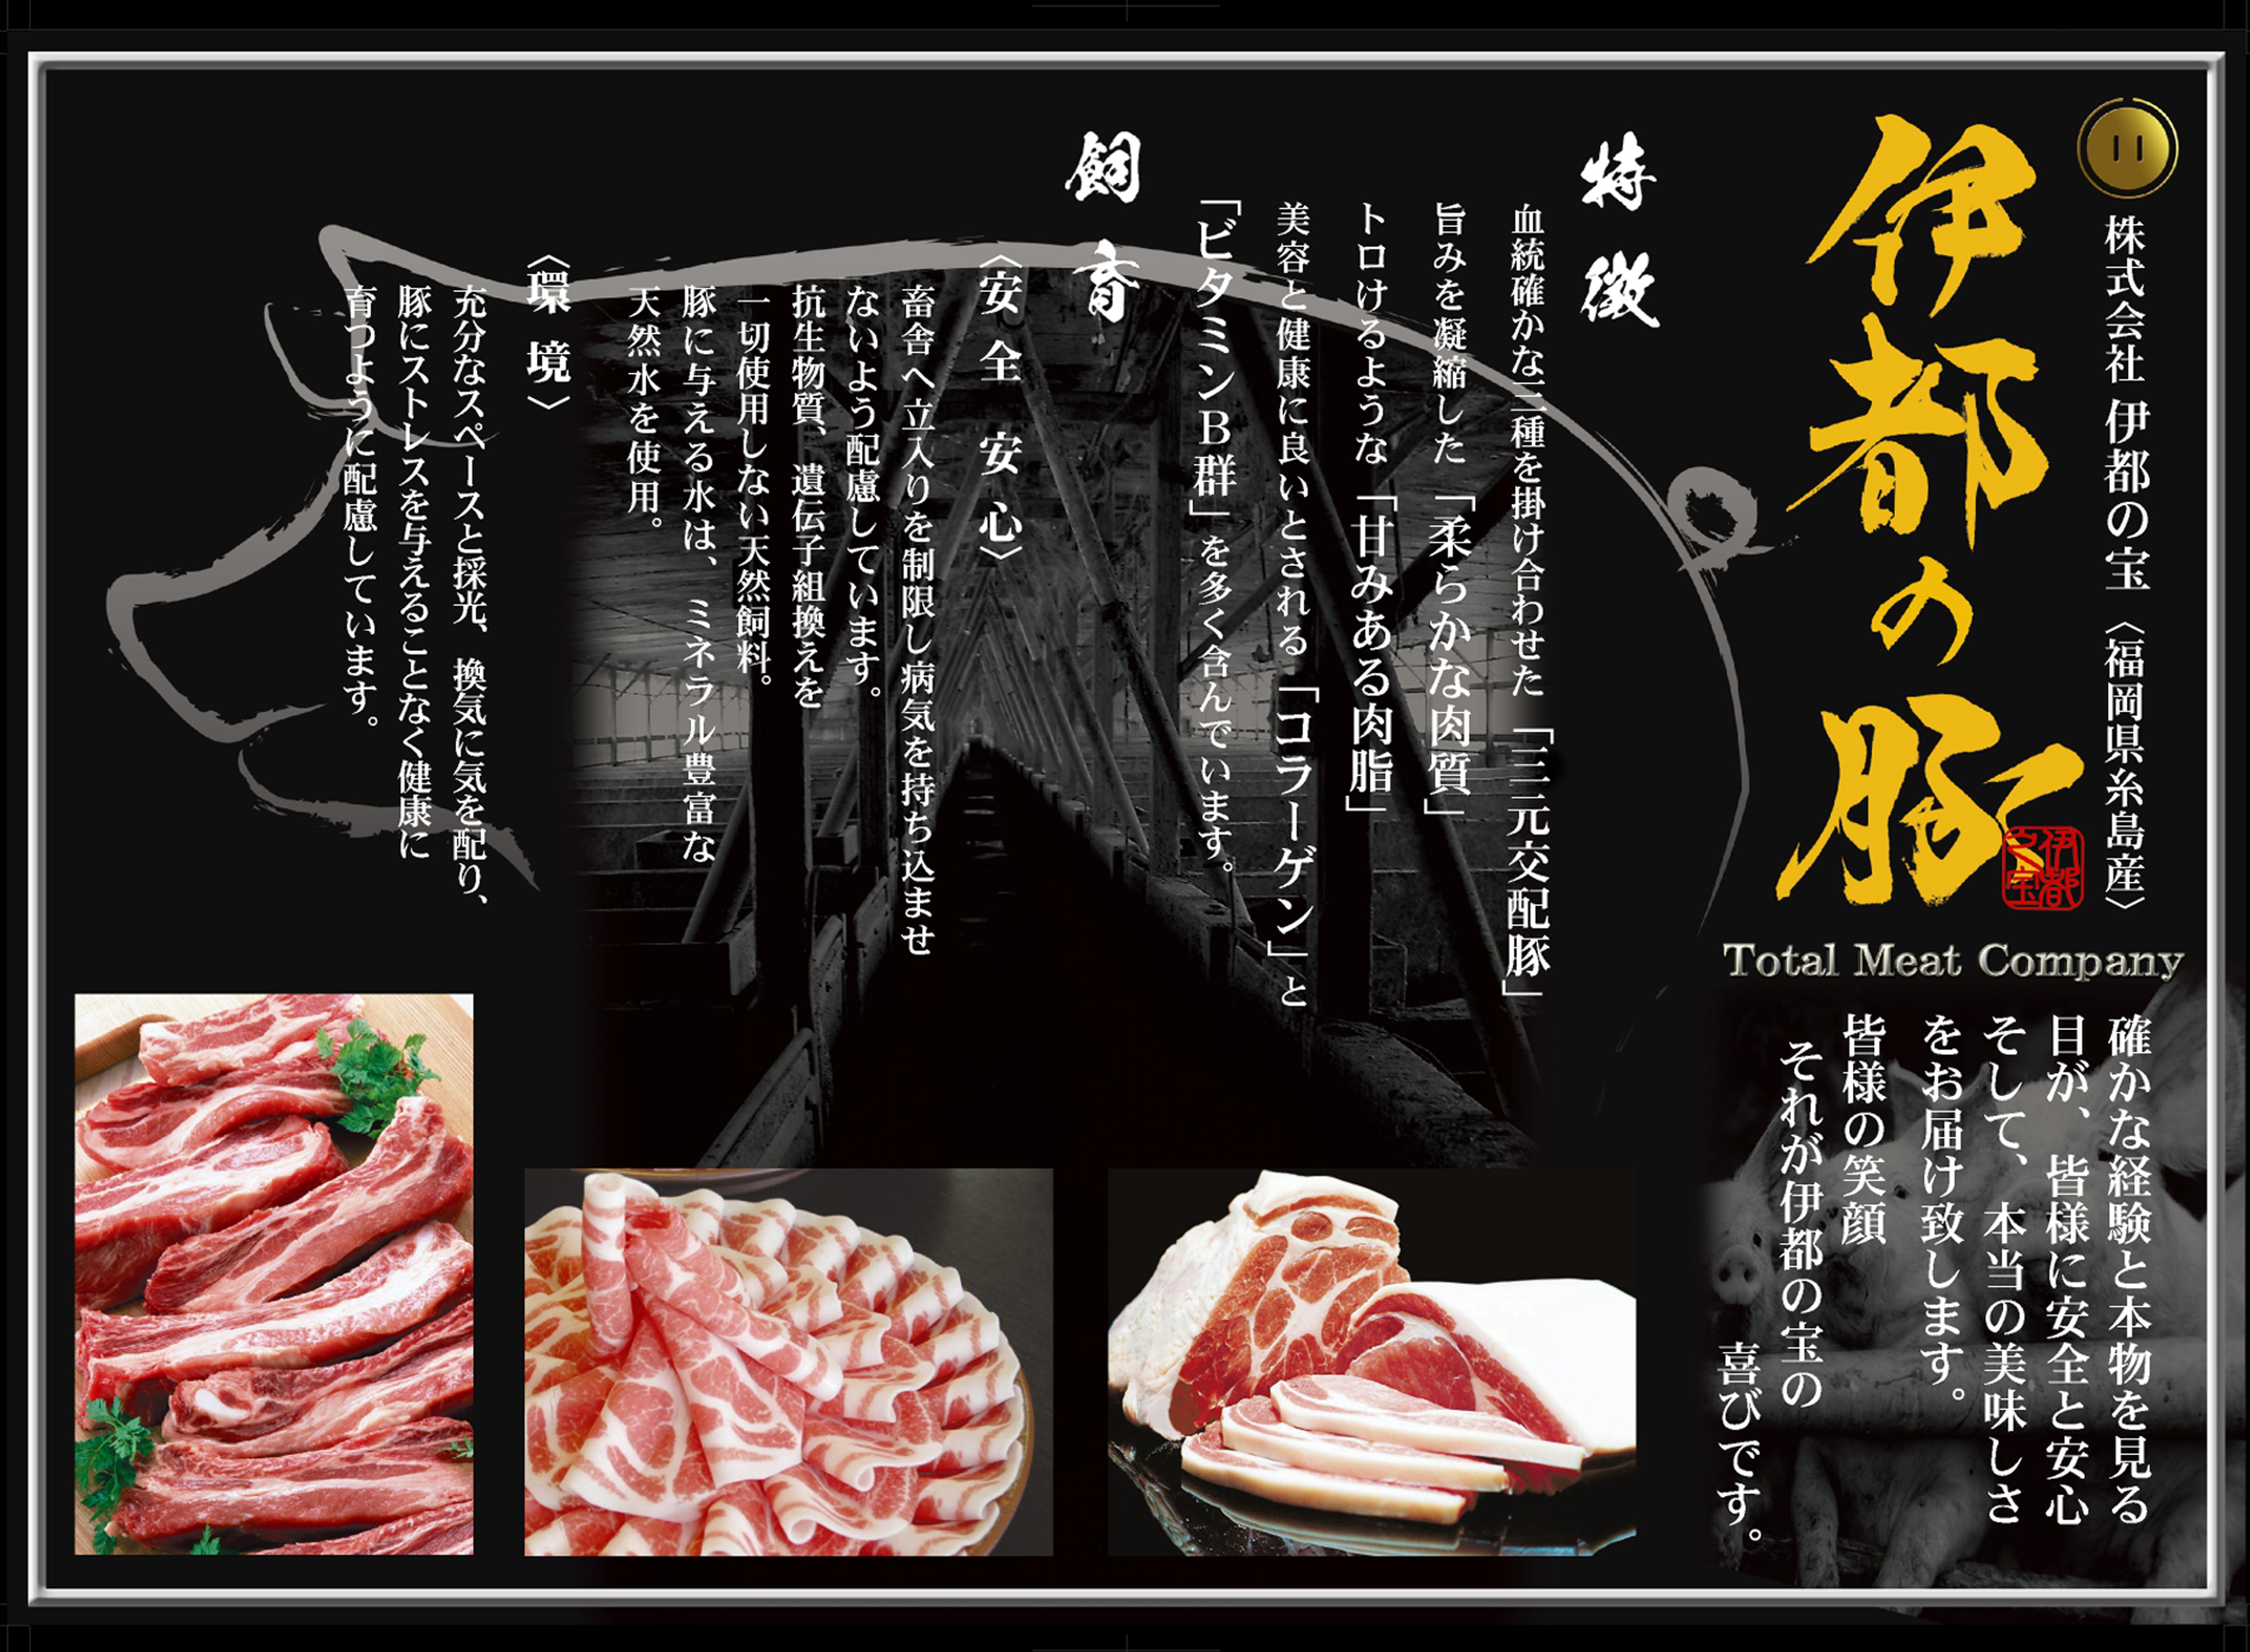 伊都の豚を使用